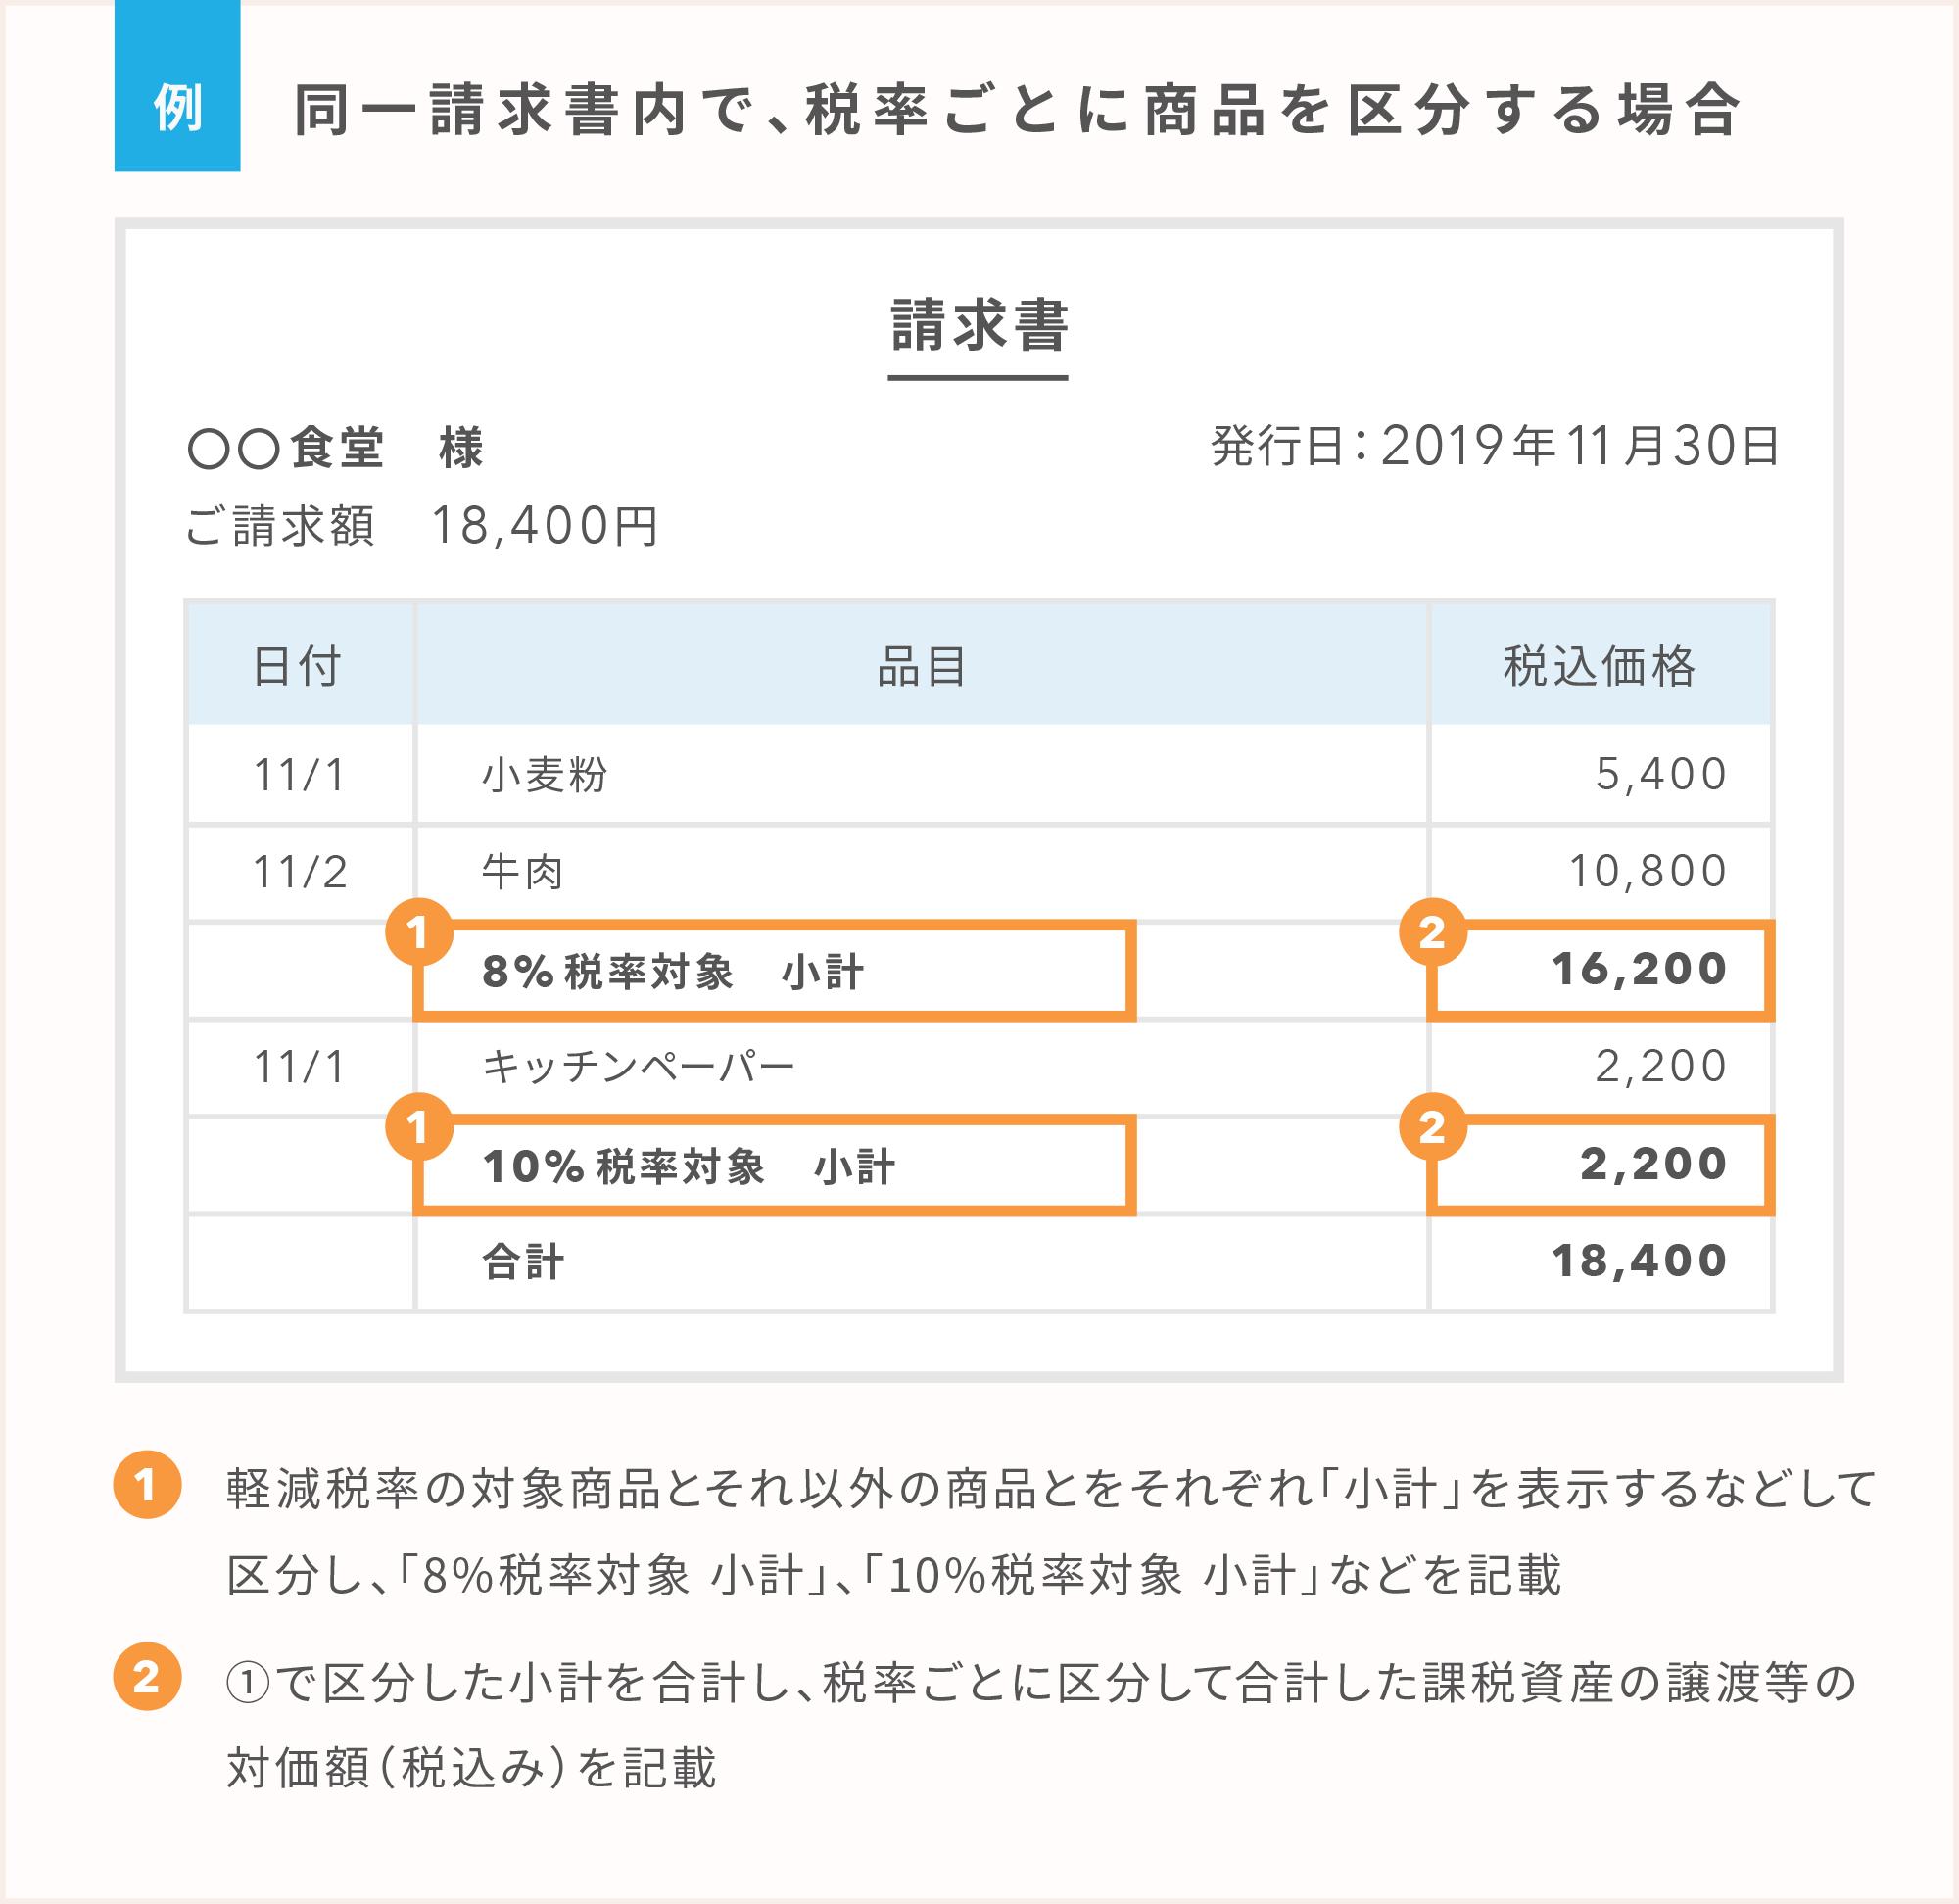 区分記載請求書等の例:同一請求書内で、税率ごとに商品を区分する場合